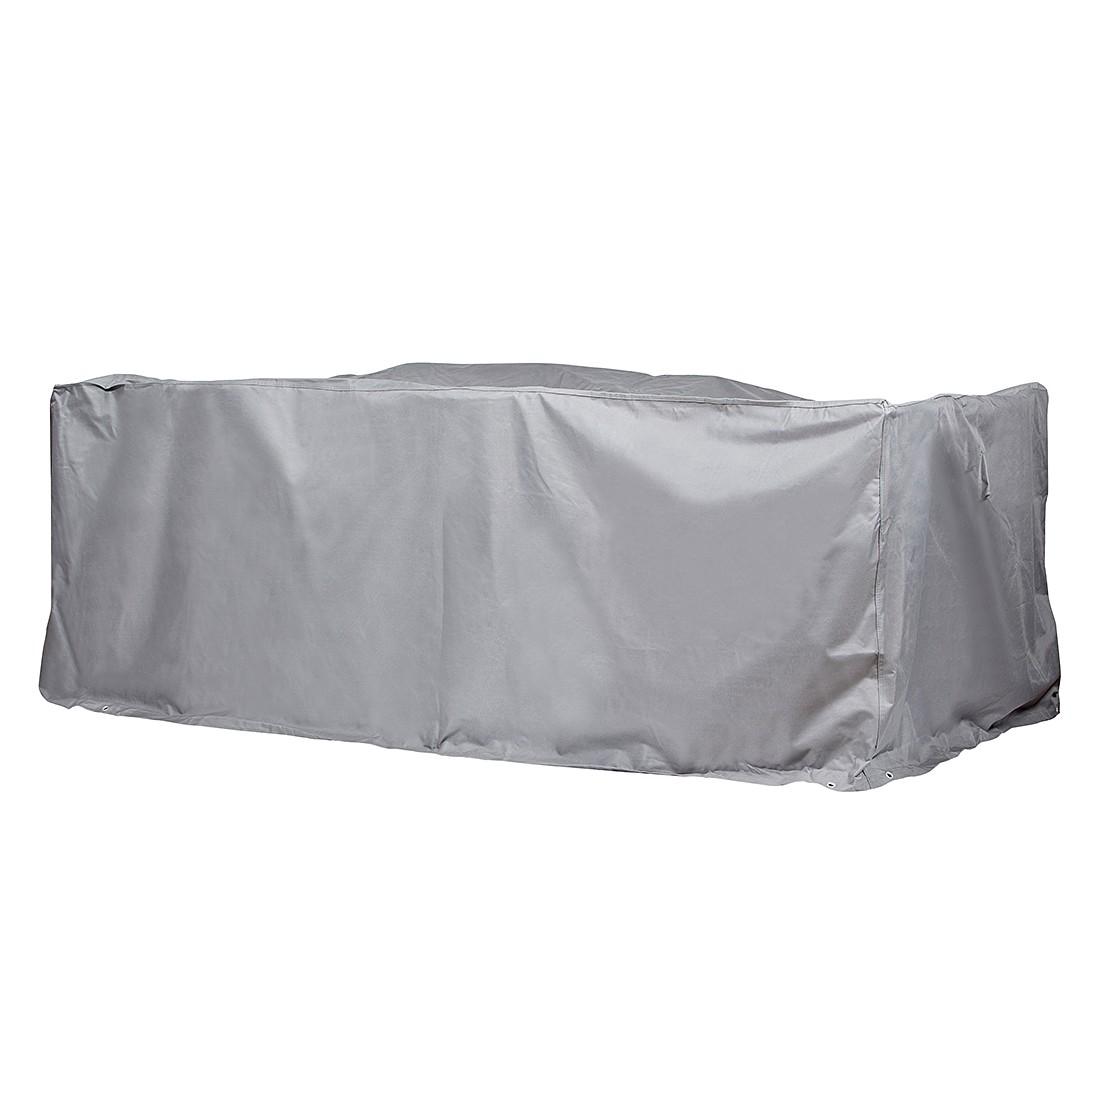 Home 24 - Sac de protection premium pour salon de jardin à angles droits (320 x 220 cm) - polyester, mehr garten